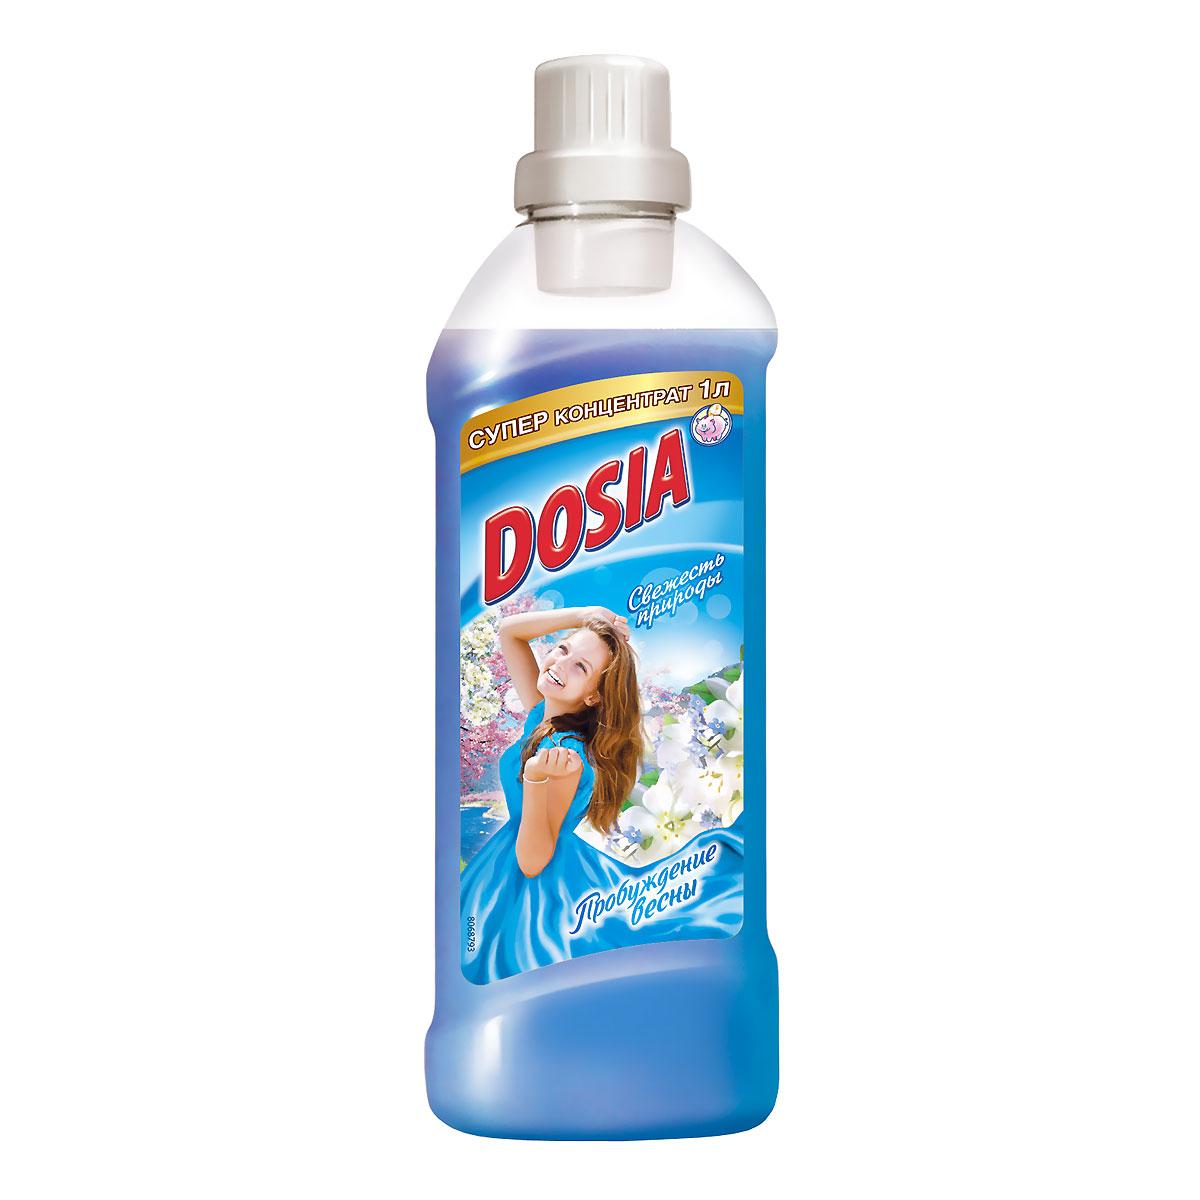 Ополаскиватель для белья Dosia Пробуждение весны, концентрированный, 1 л7503917Идеально подходит для всех типов тканей. Придает белью мягкость и свежий аромат. Обладает антистатическим свойством, облегчает глажение. Добавляется в конце стирки, во время цикла ополаскивания.